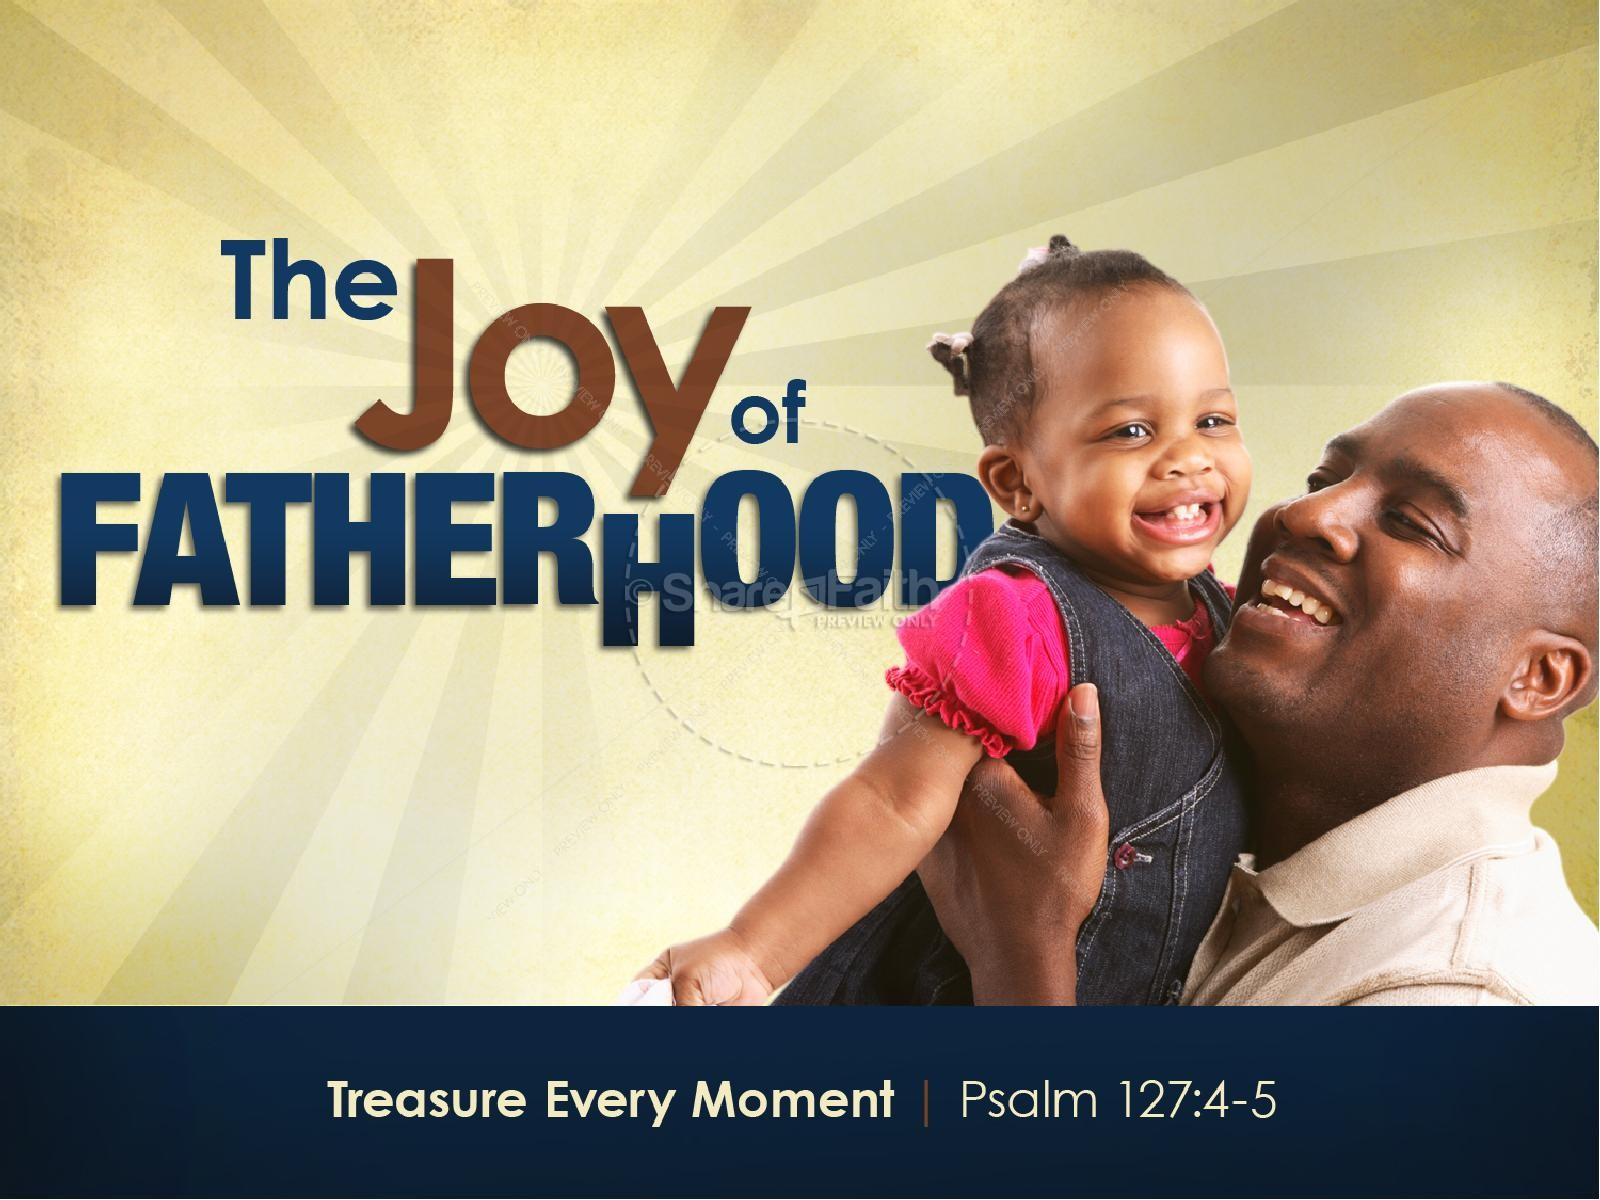 Joy of Fatherhood Sermon PowerPoint Template